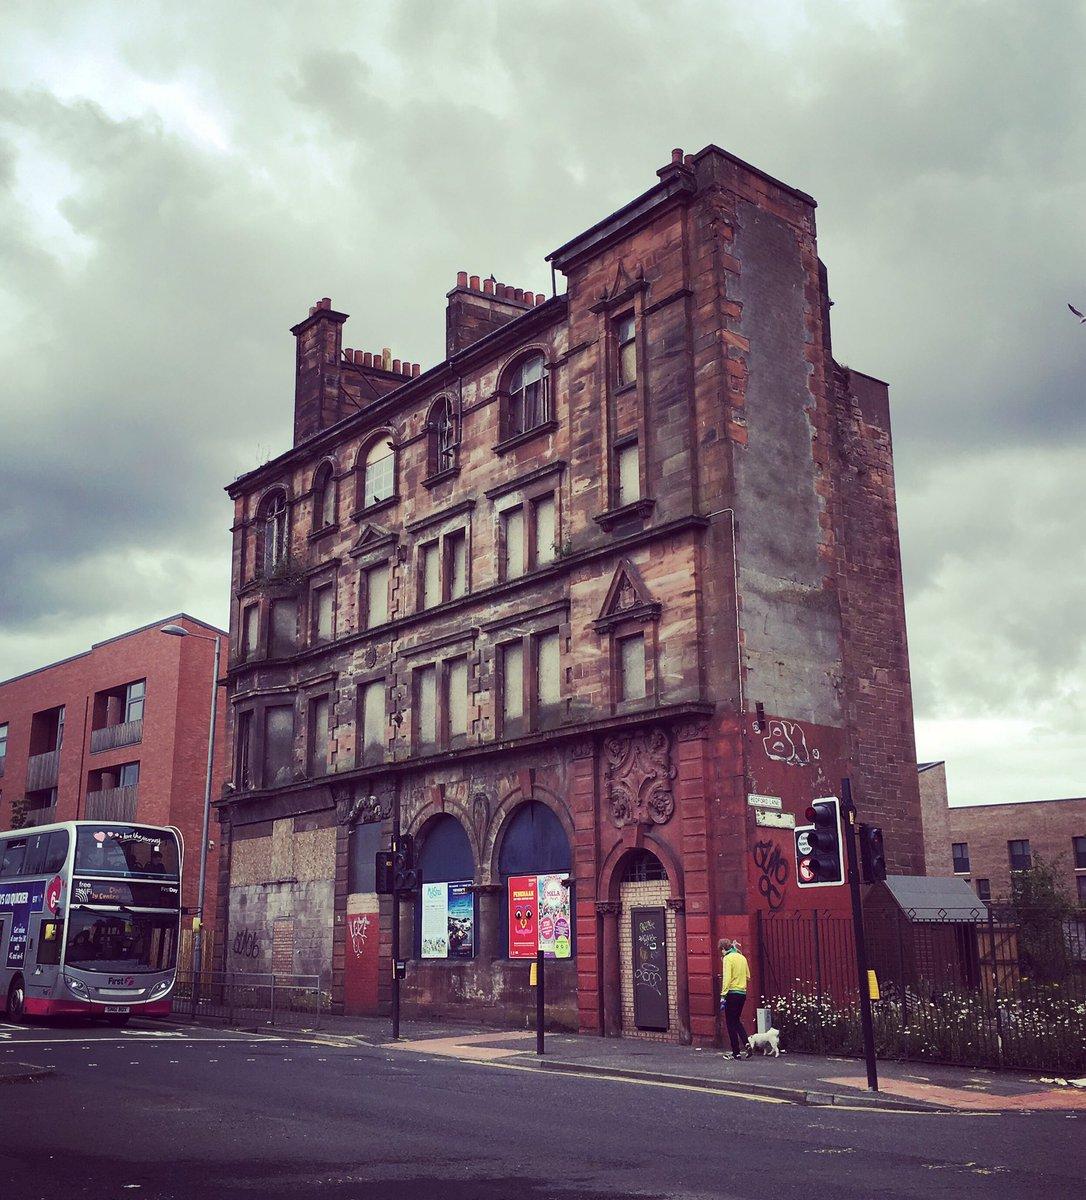 Derelict Glasgow Derelictglasgow Twitter